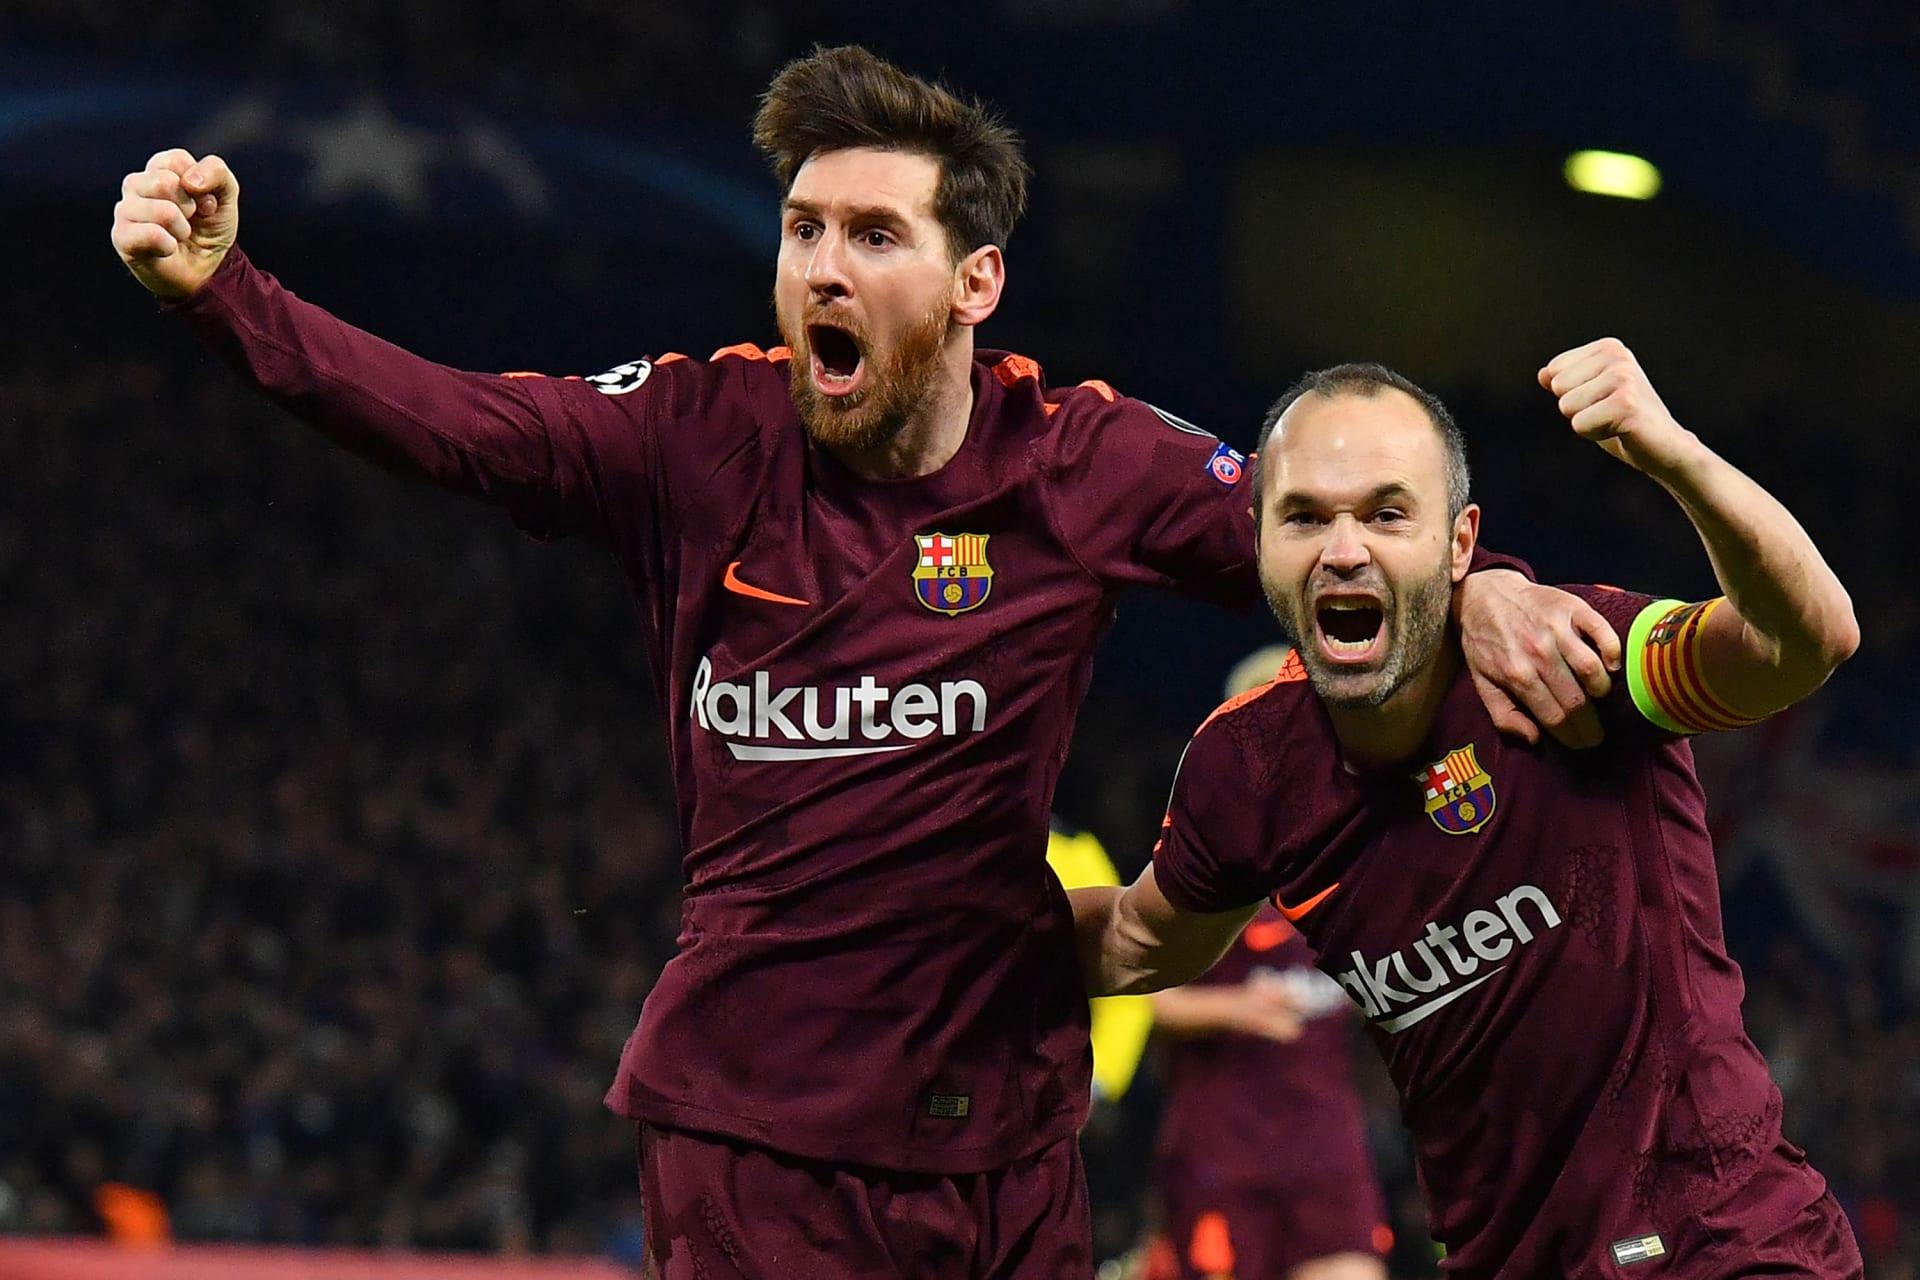 ميسي يكسر العقدة ويقود برشلونة لخطف تعادل ثمين من تشيلسي